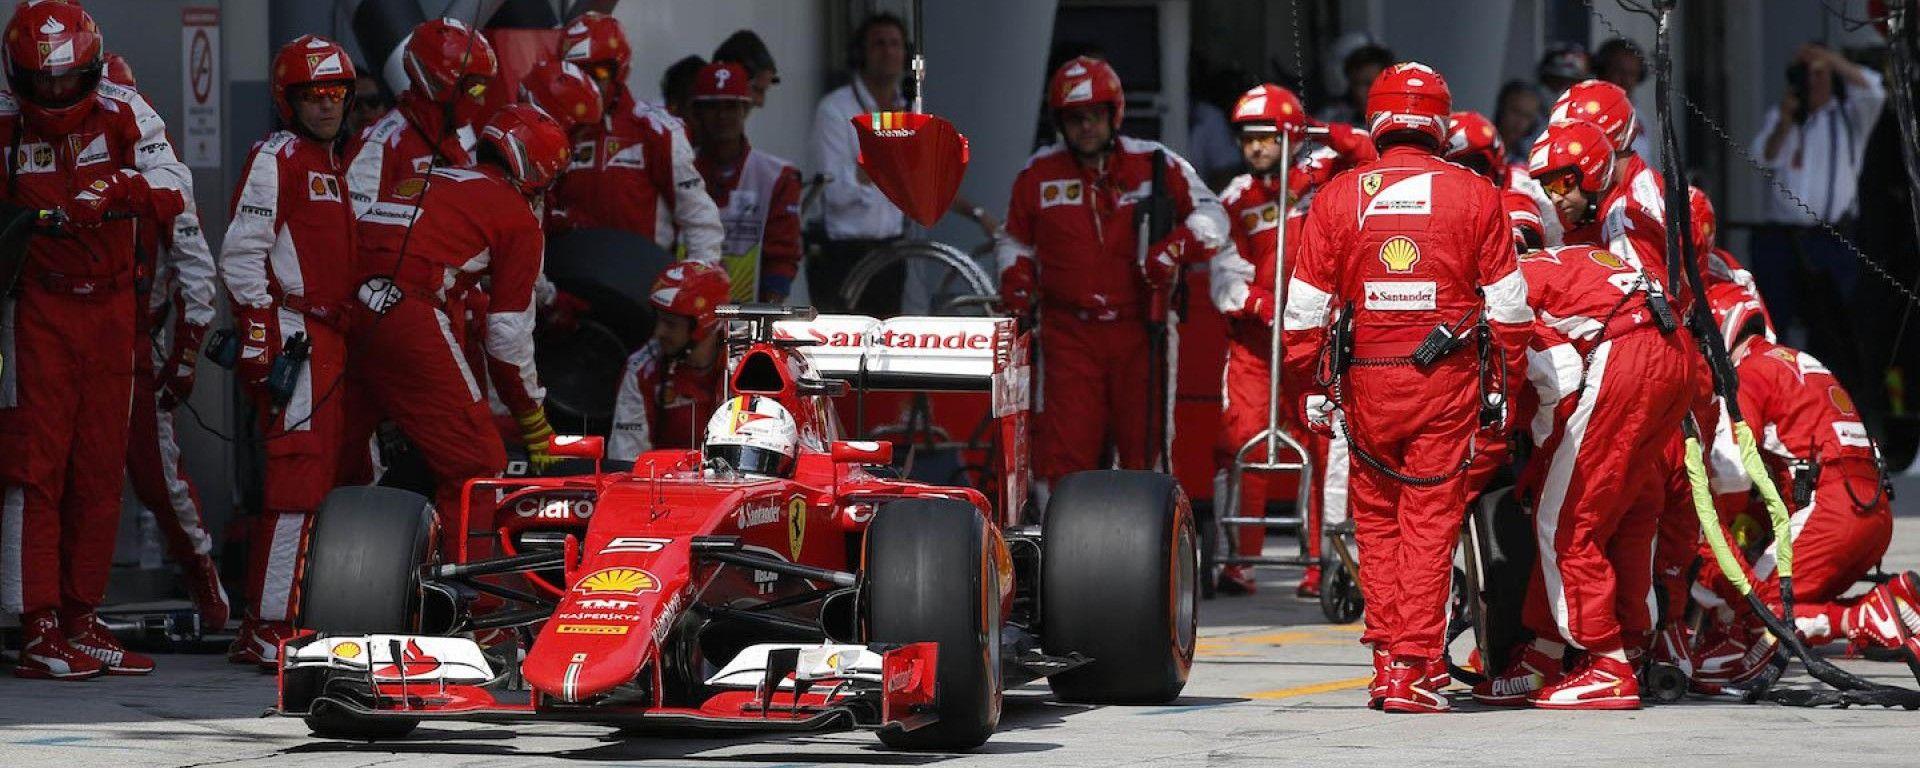 Scuderia Ferrari al Gran Premio della Malesia